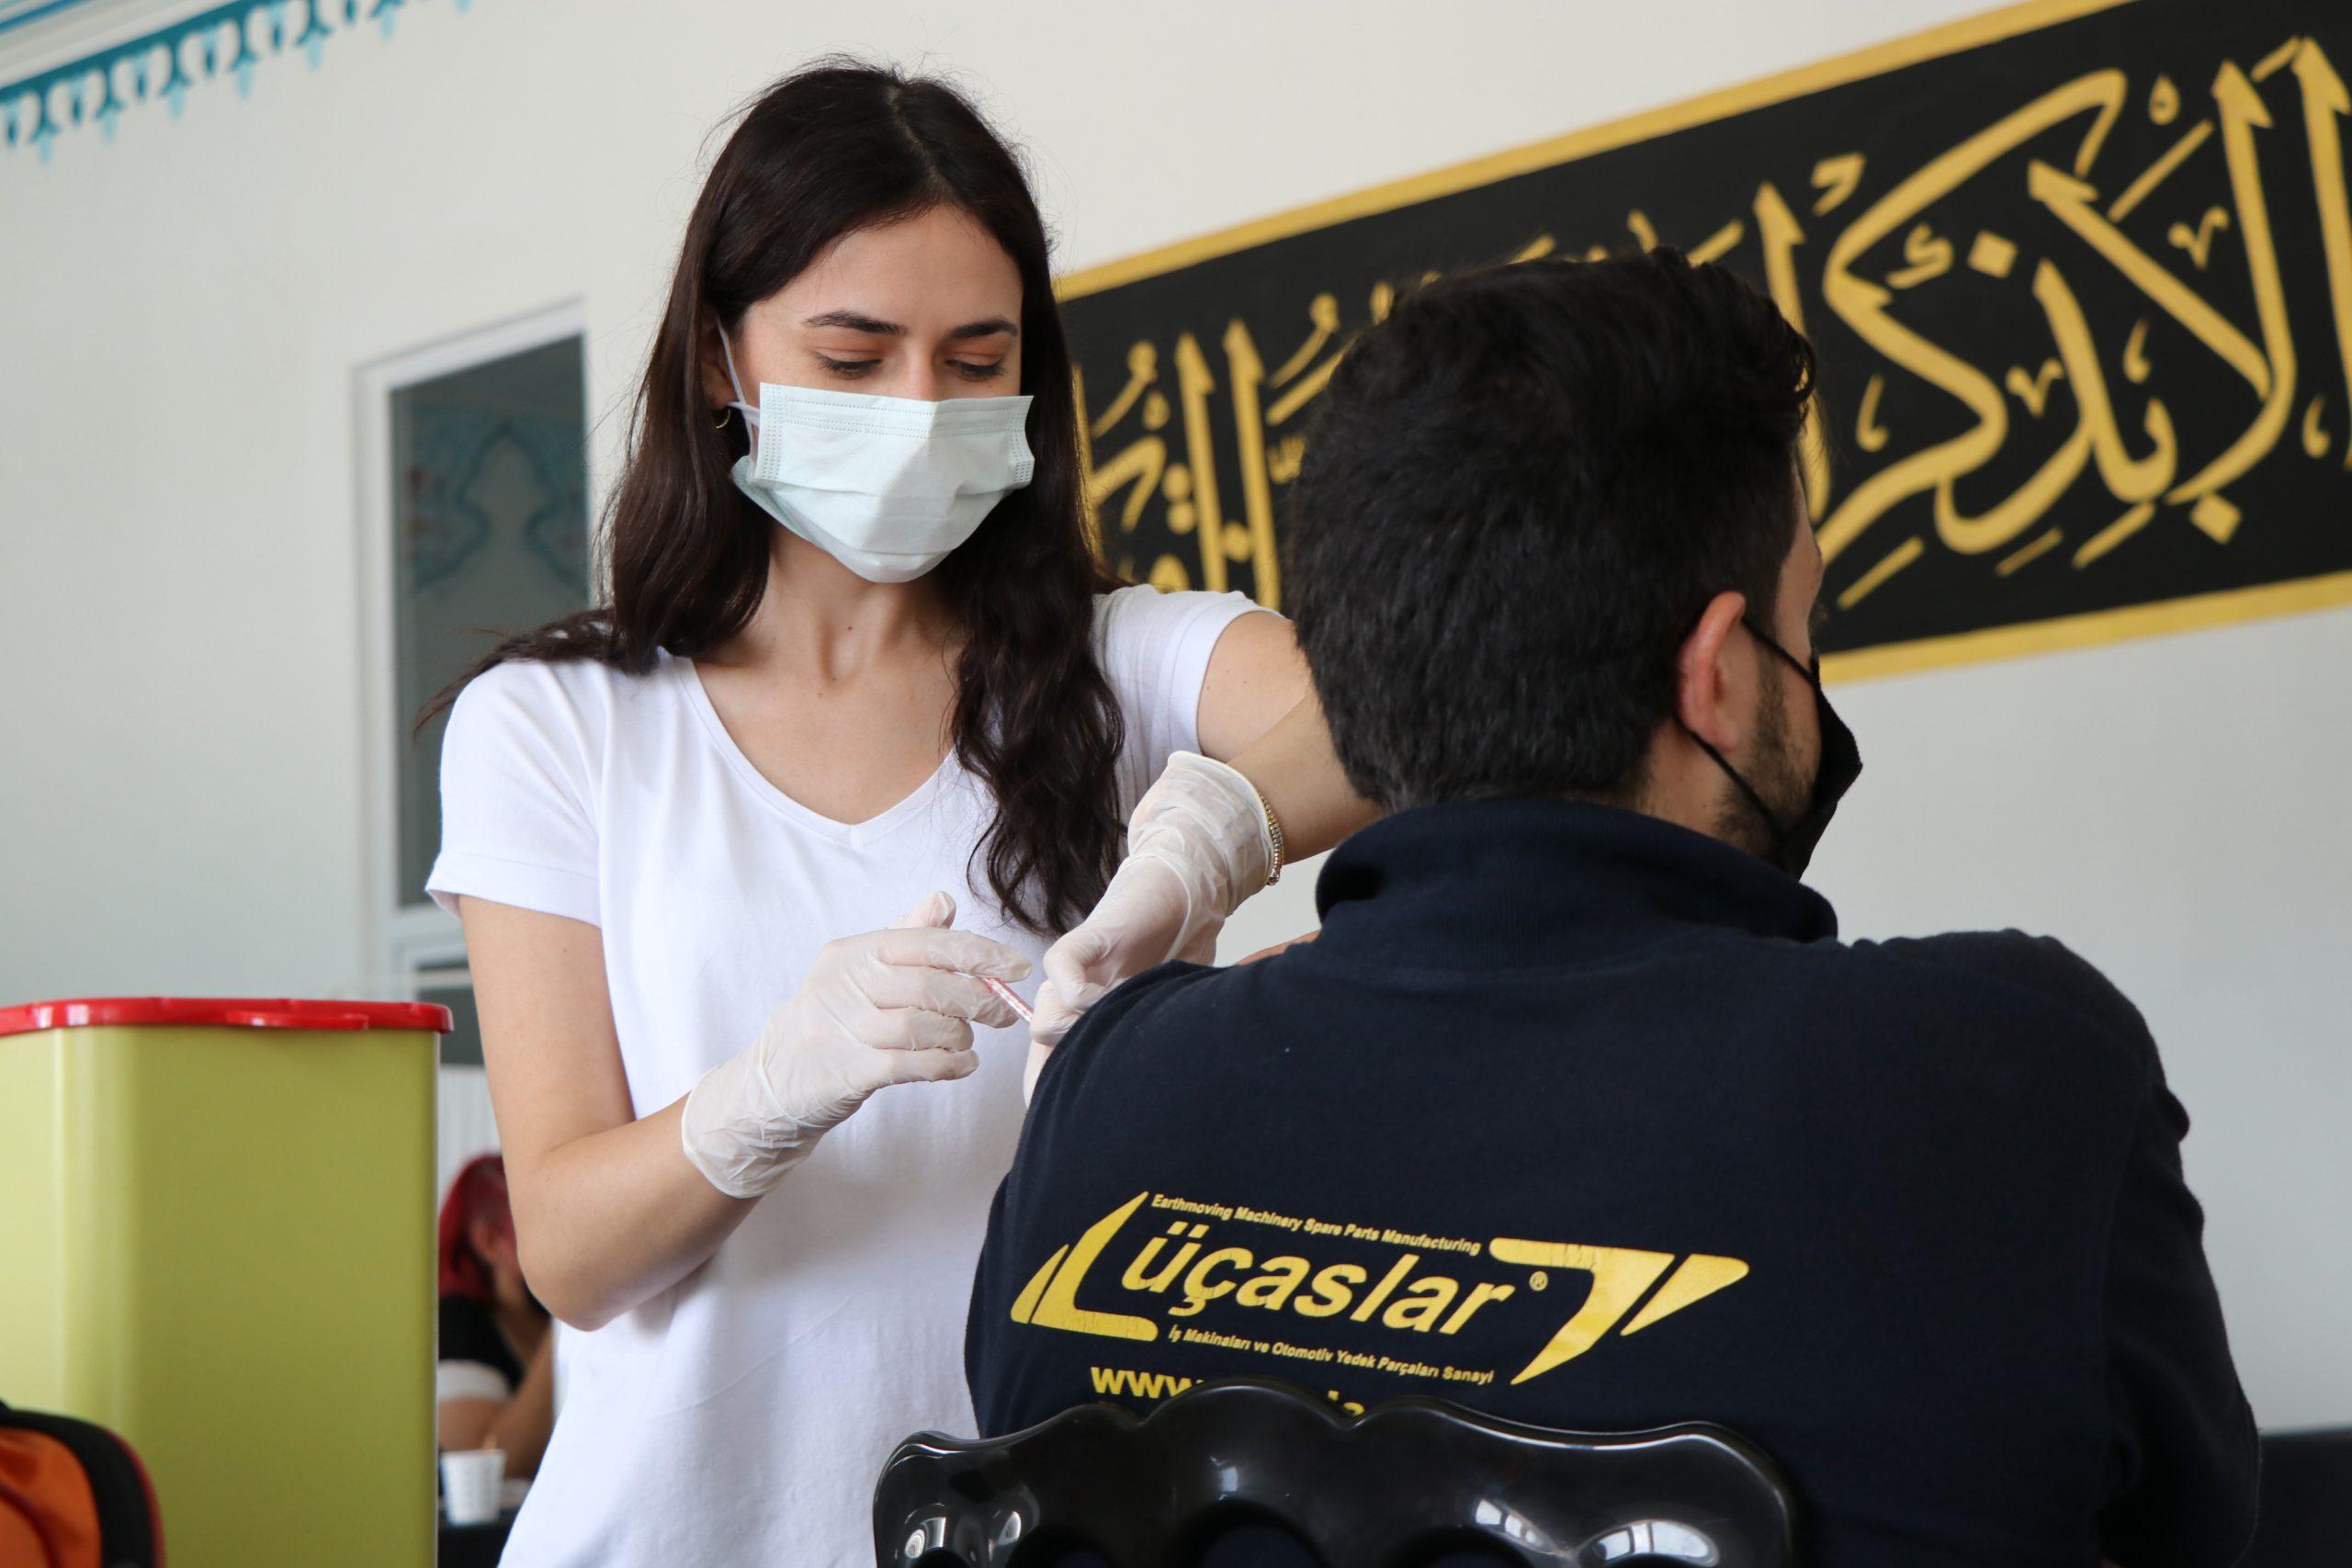 İMES Dilovası OSB'de 3 Günde 2 Bin Kişi Aşı Oldu